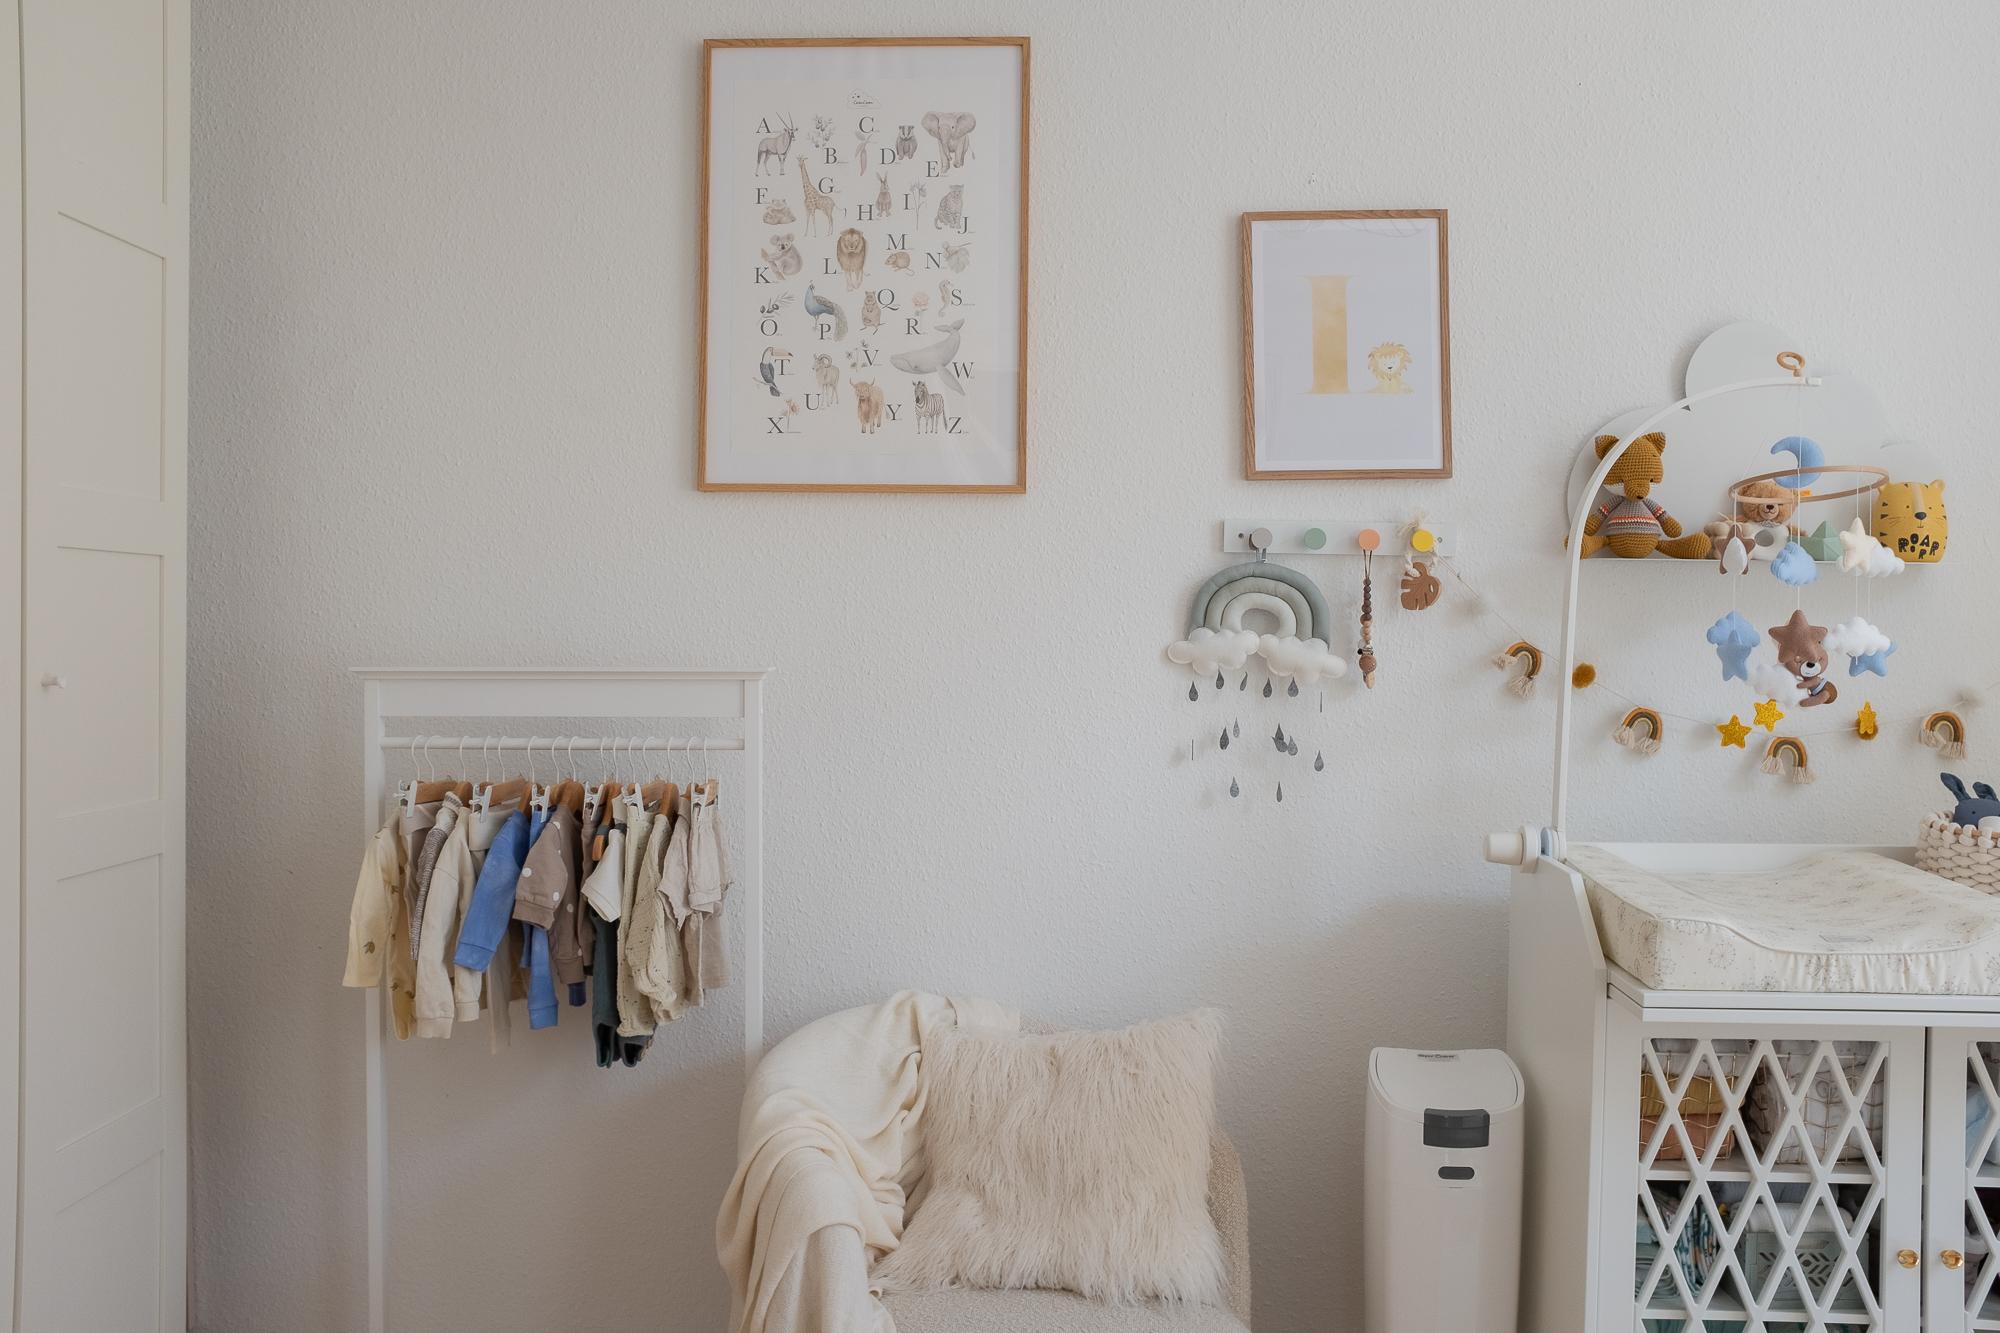 Babyzimmer-einrichtung-kinderzimmer-aline-kaplan-interior-poster-baby-kleiderstange